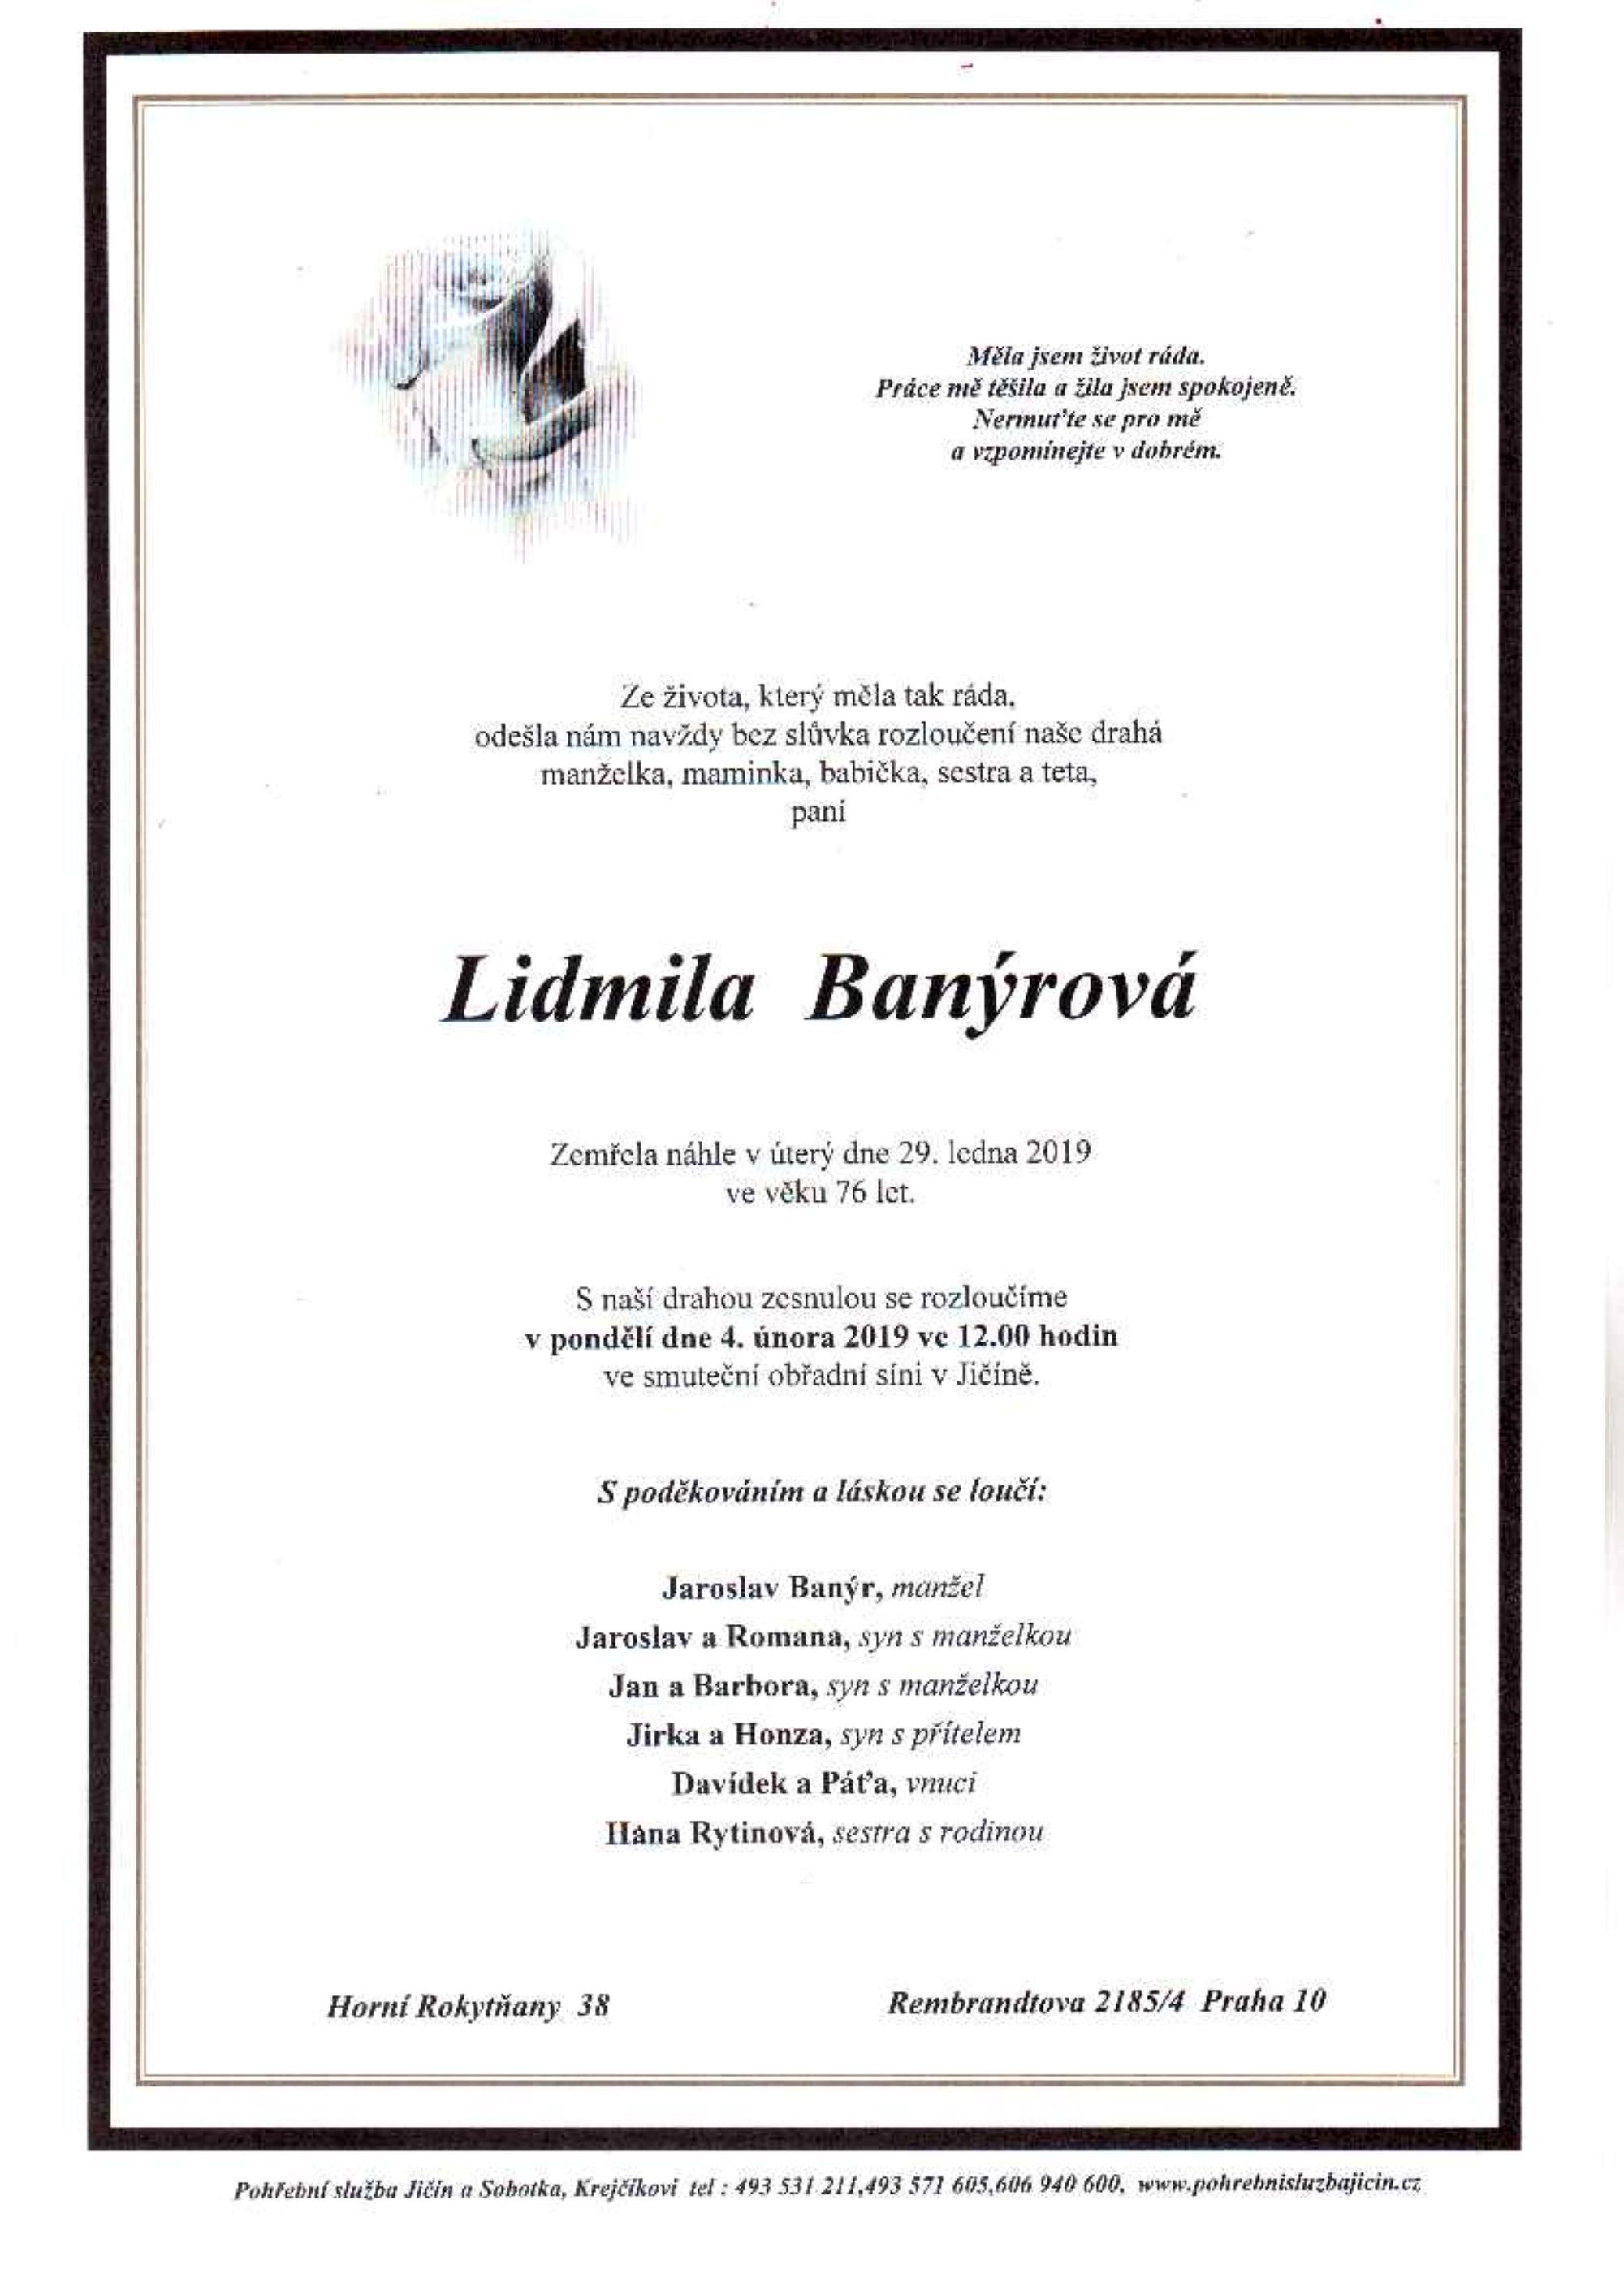 Lidmila Banýrová